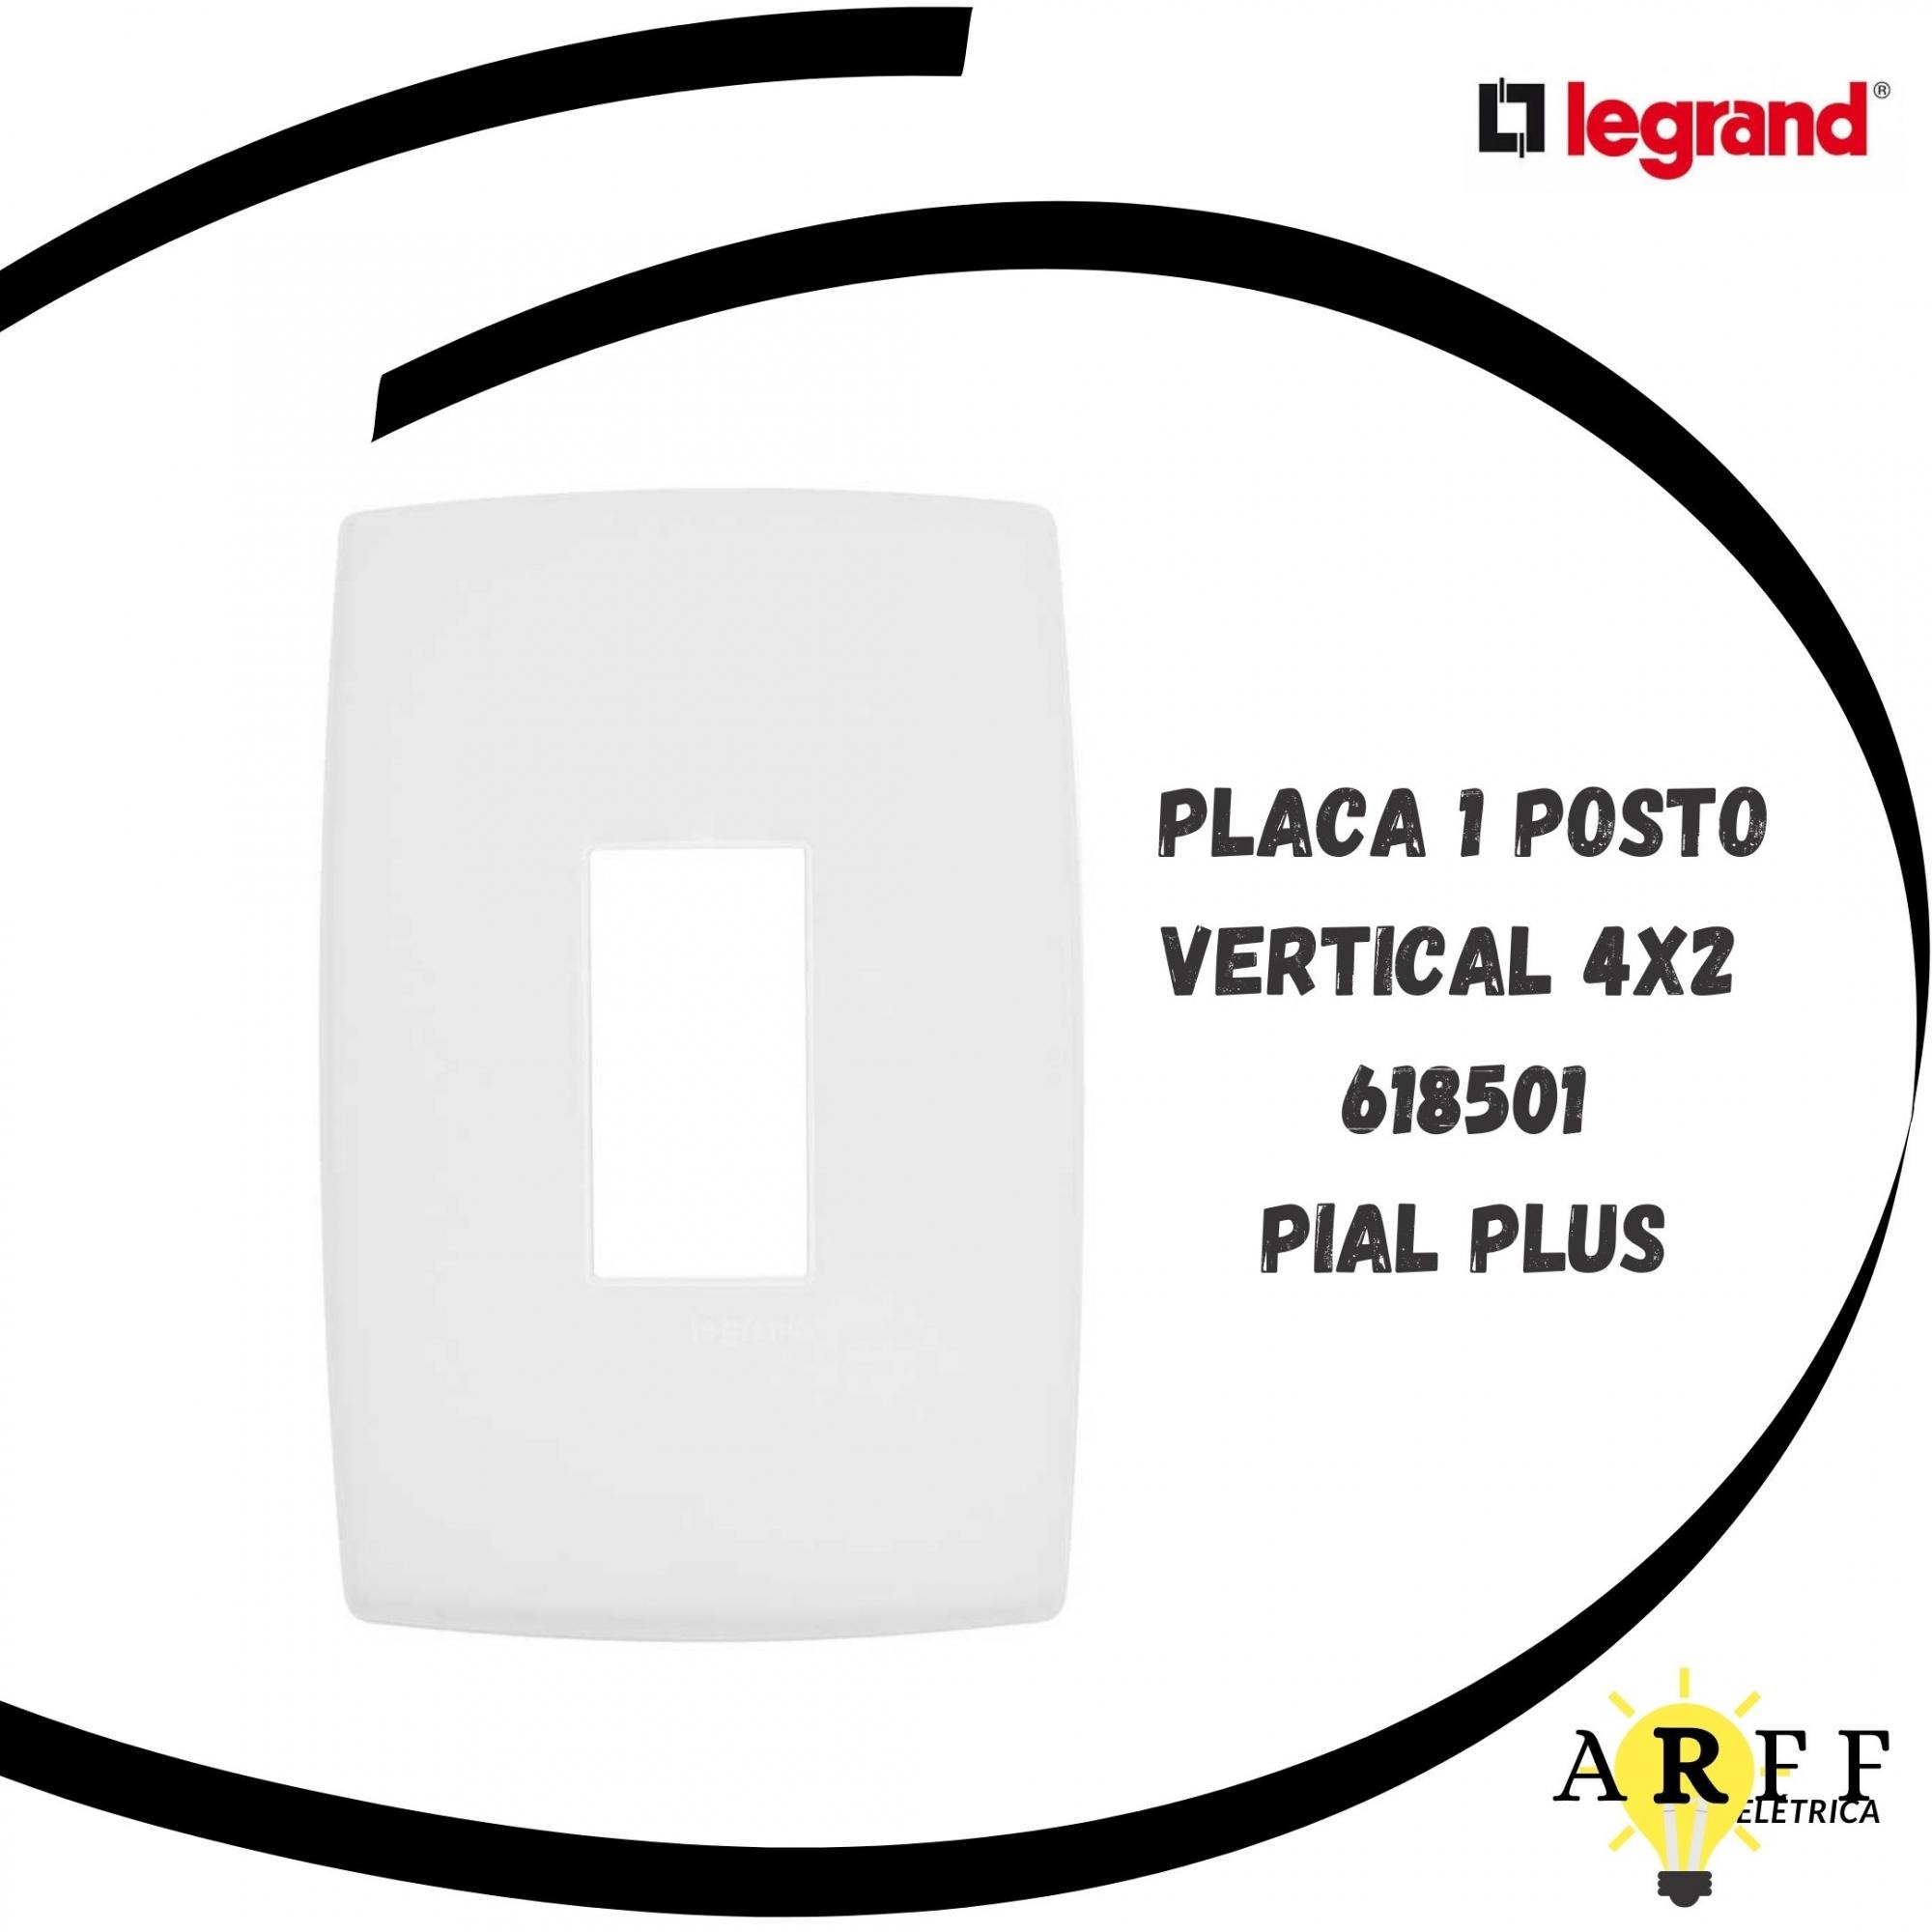 618501 Placa 1 Posto Vertical 4x2 PIAL PLUS LEGRAND